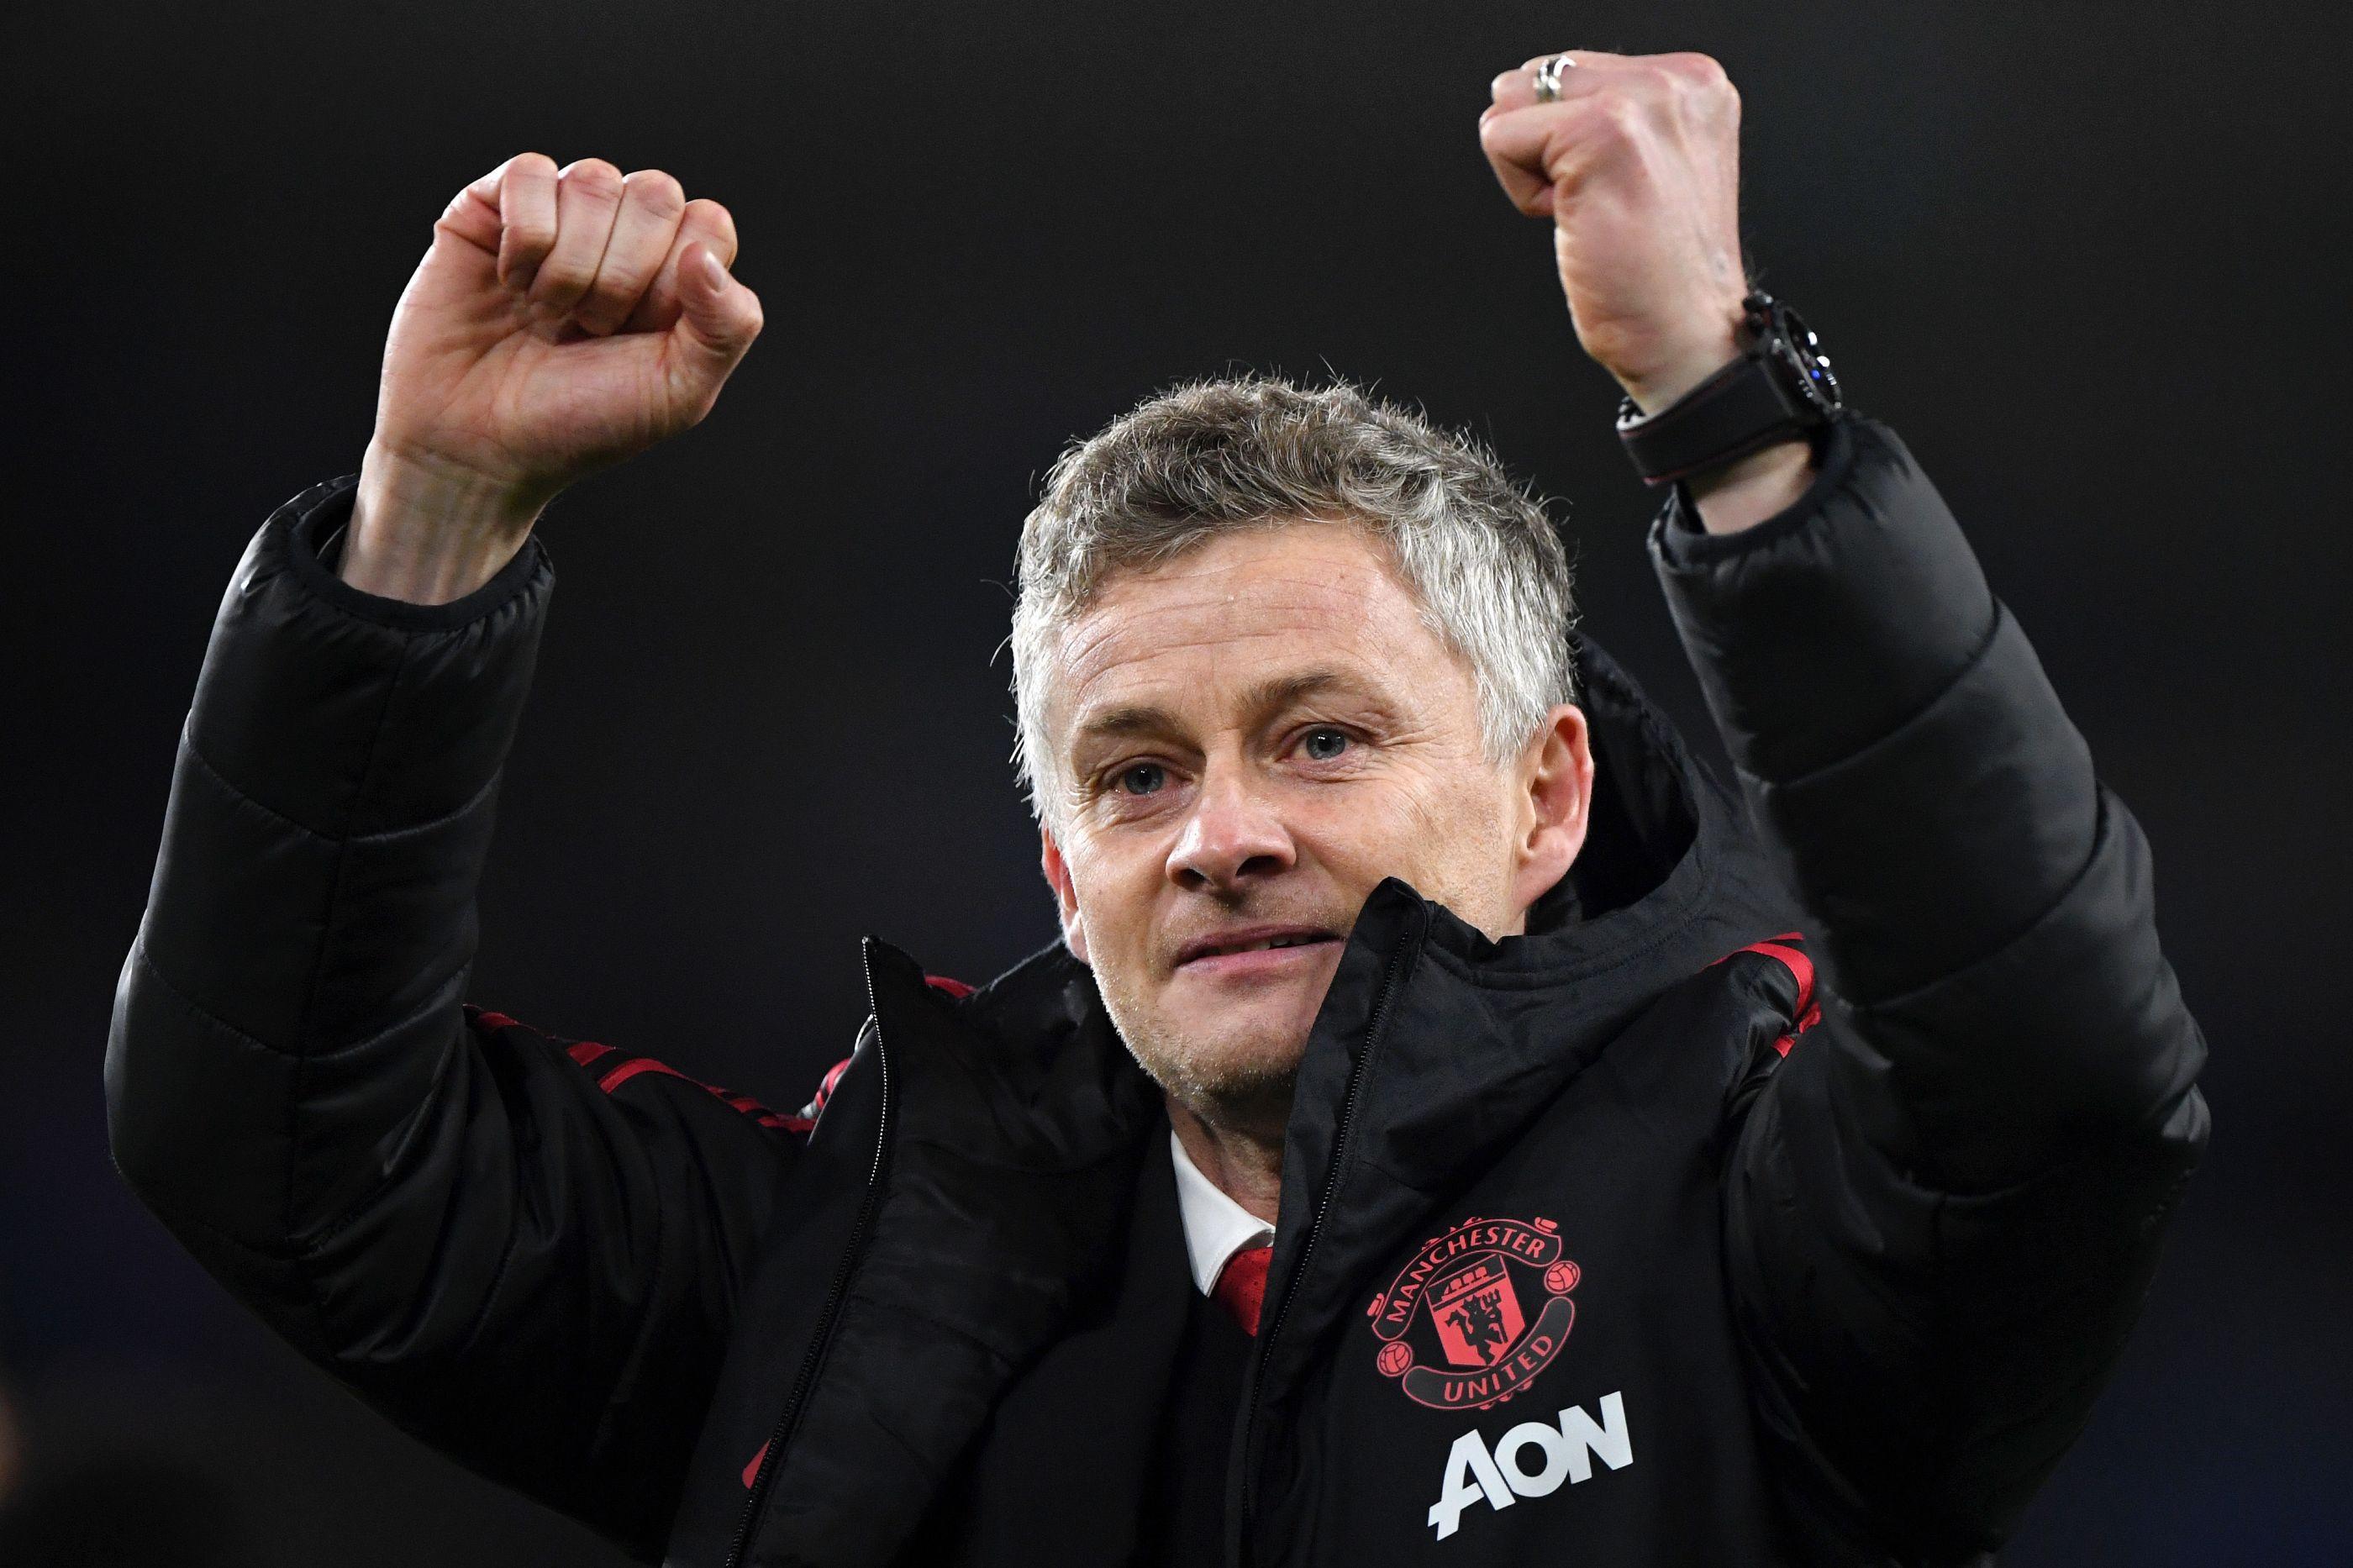 Oficial: Solskjaer assume comando do United a título definitivo